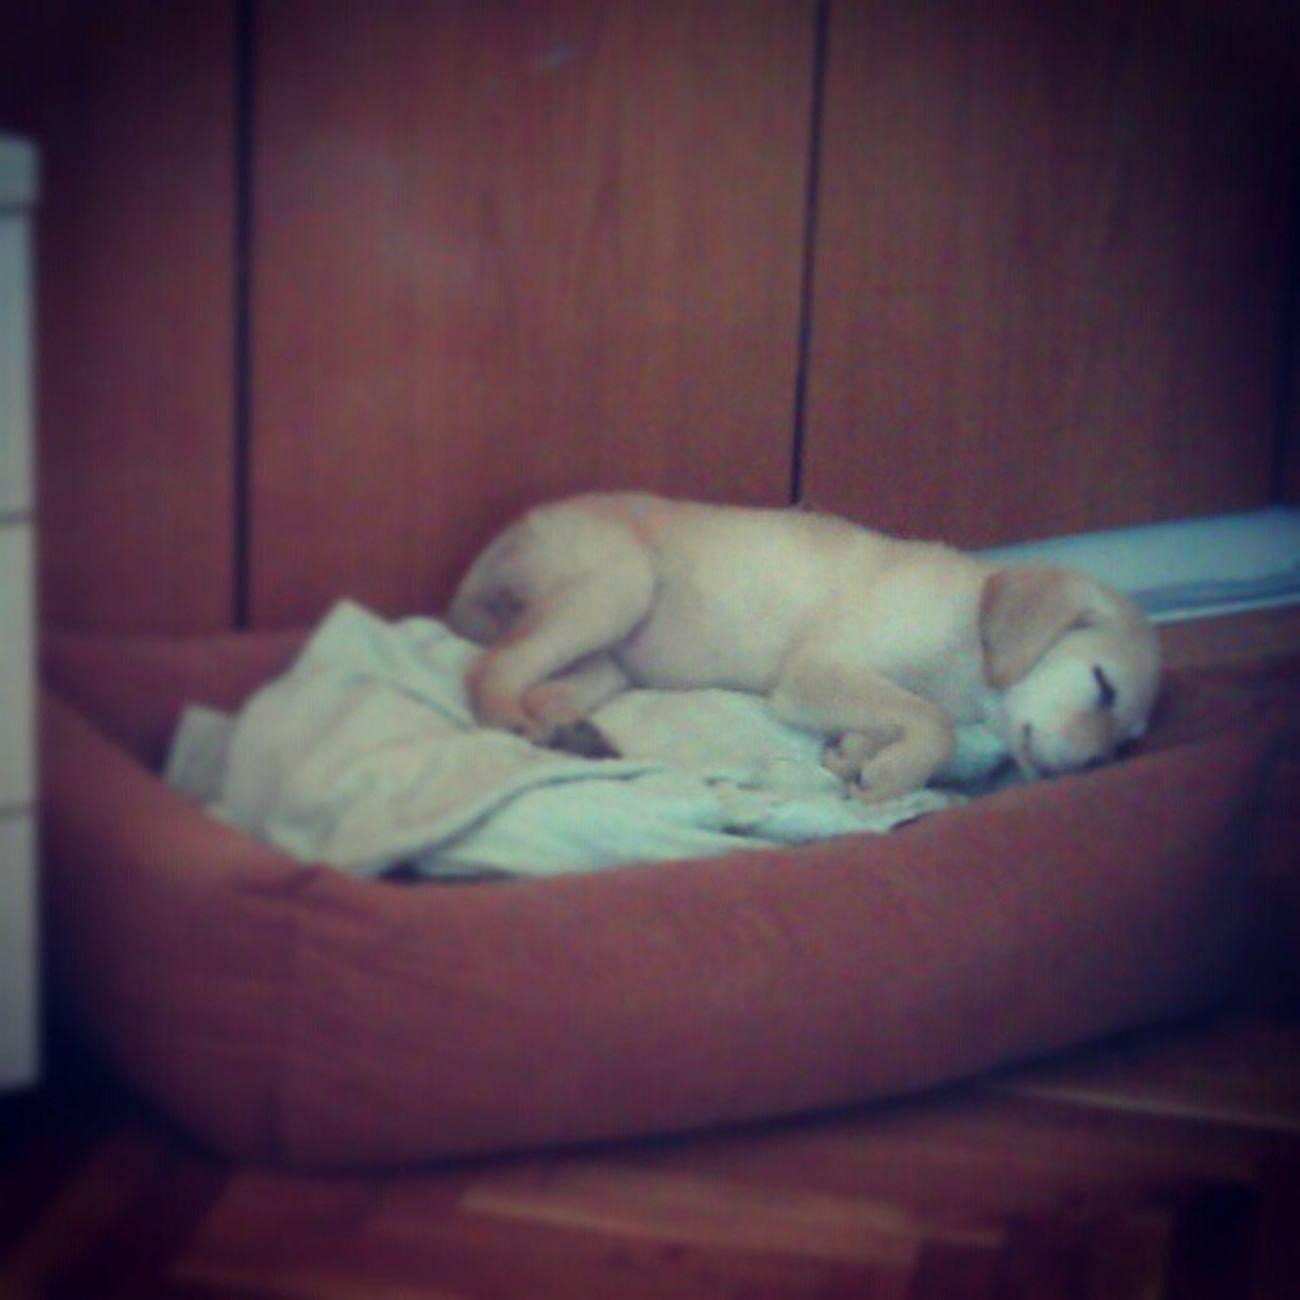 Uykucu şirin... :)